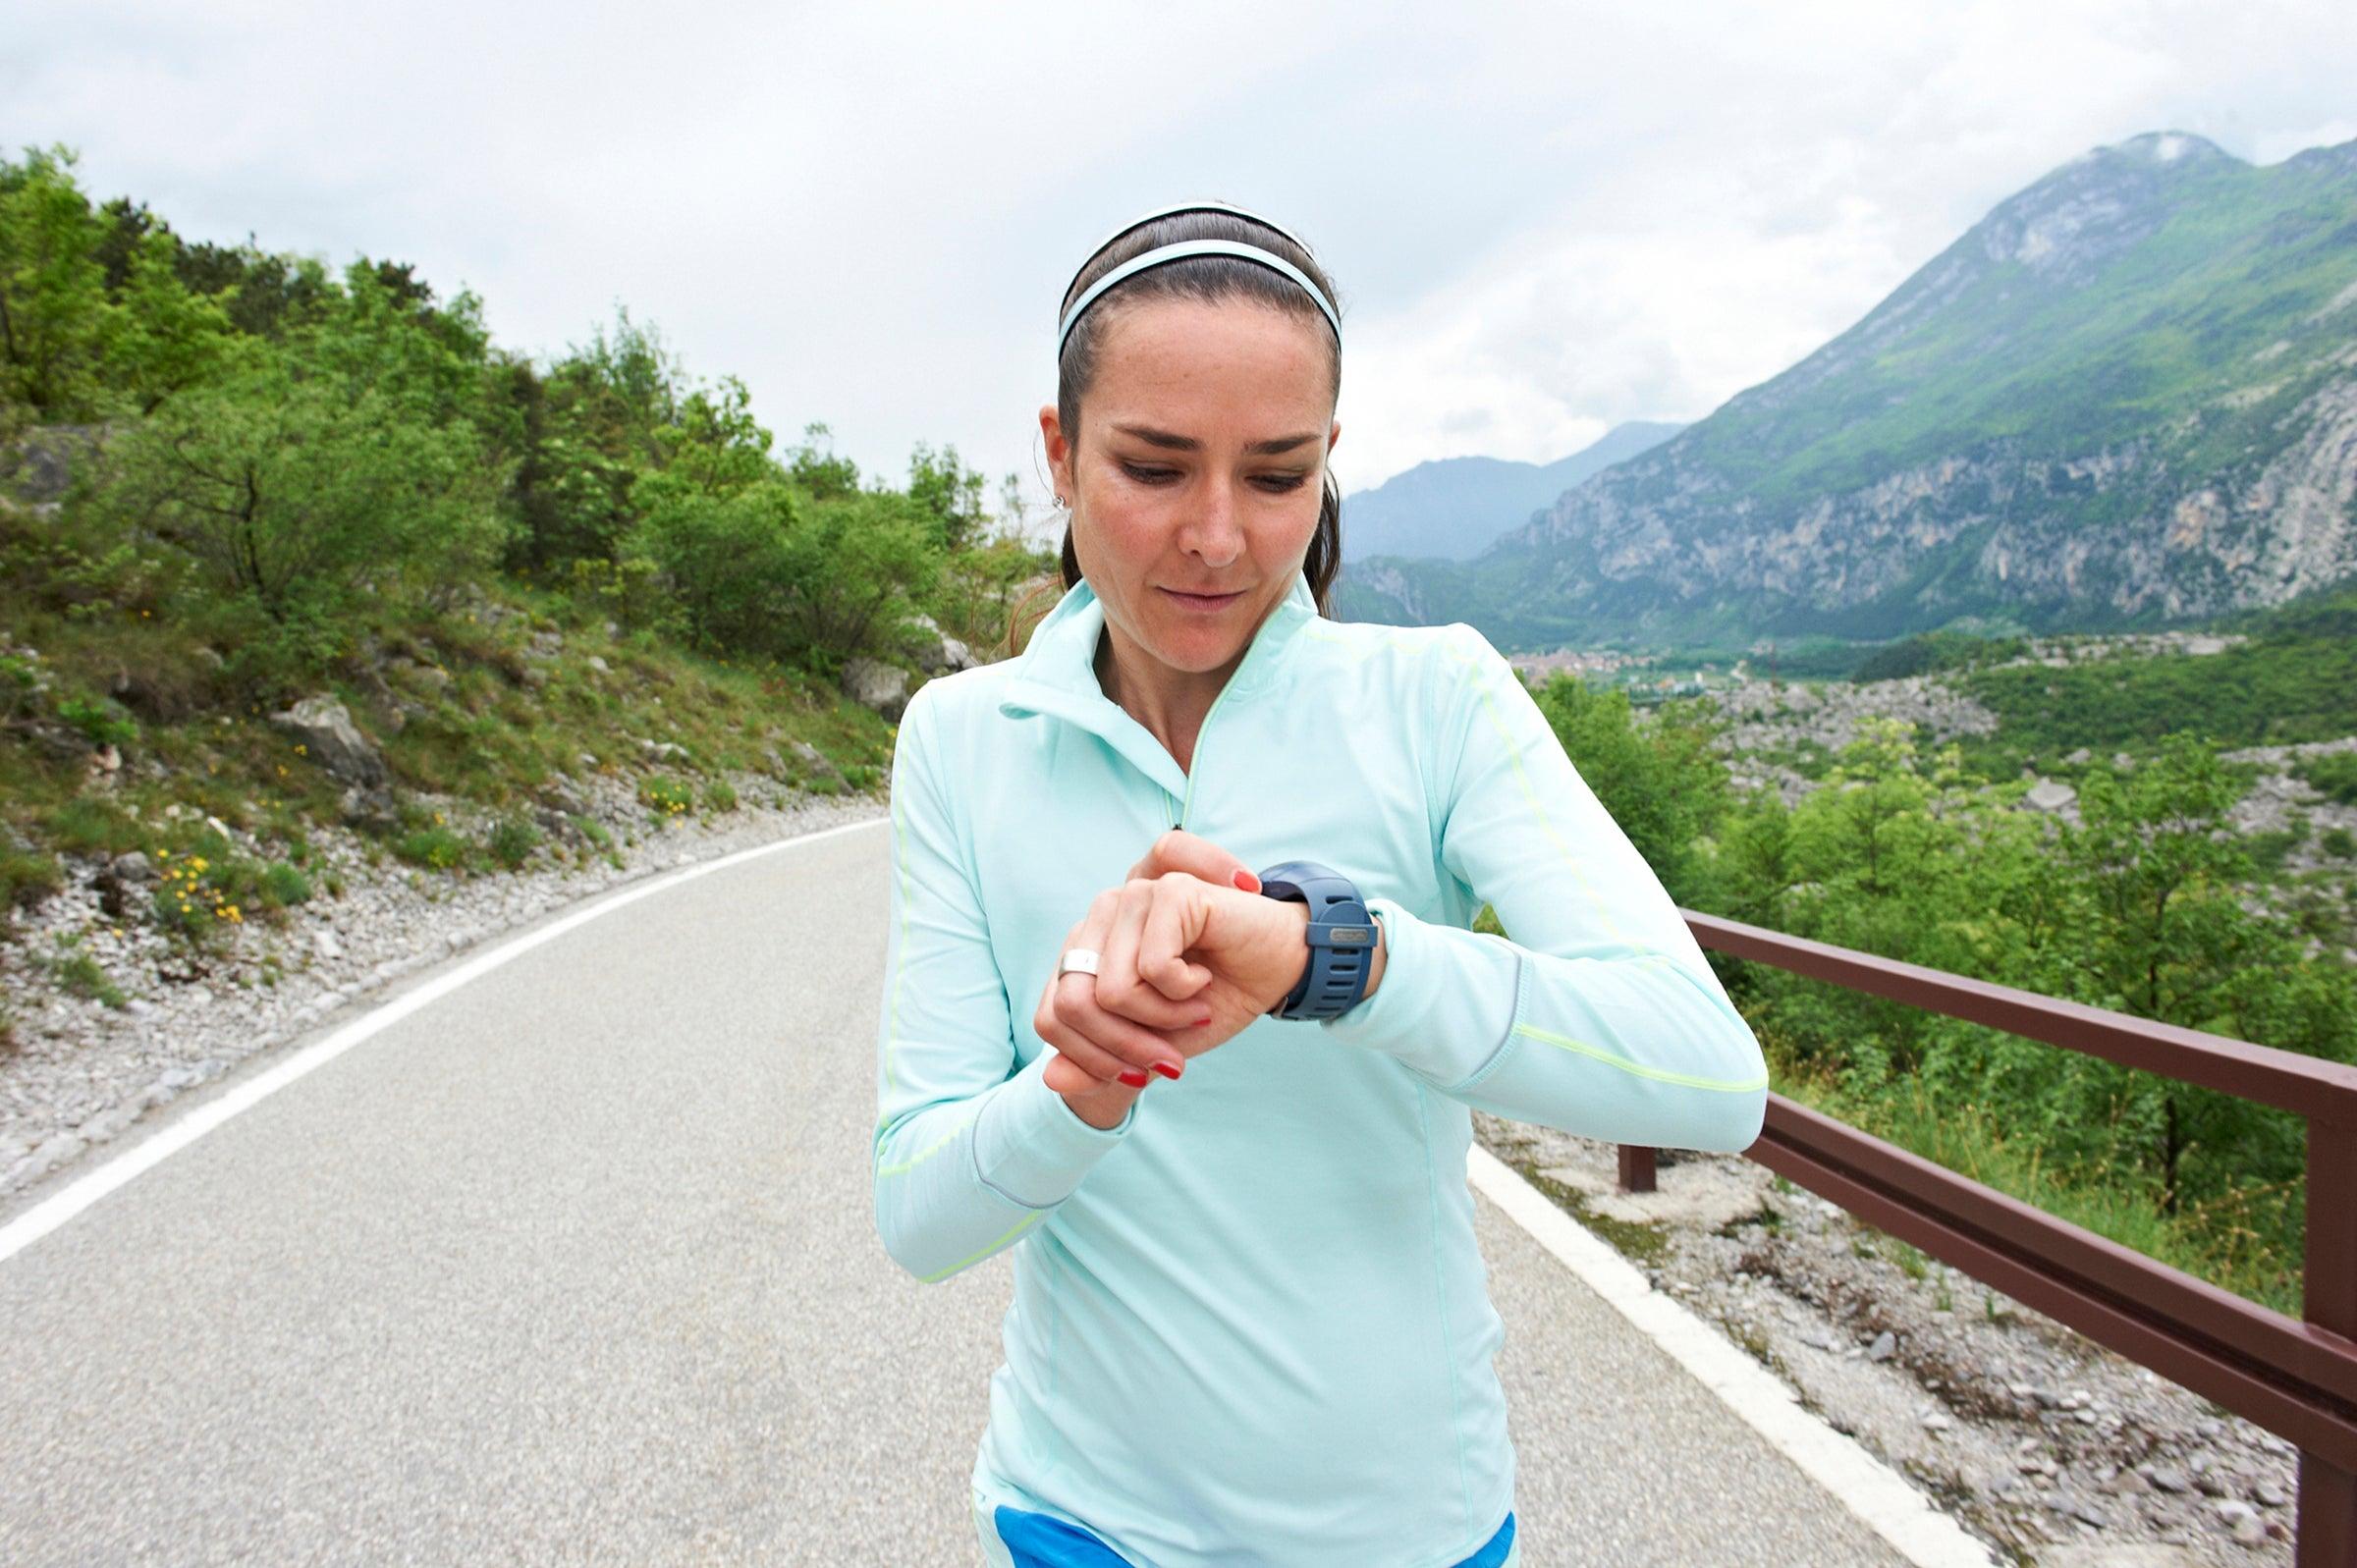 Runner checking heart rate